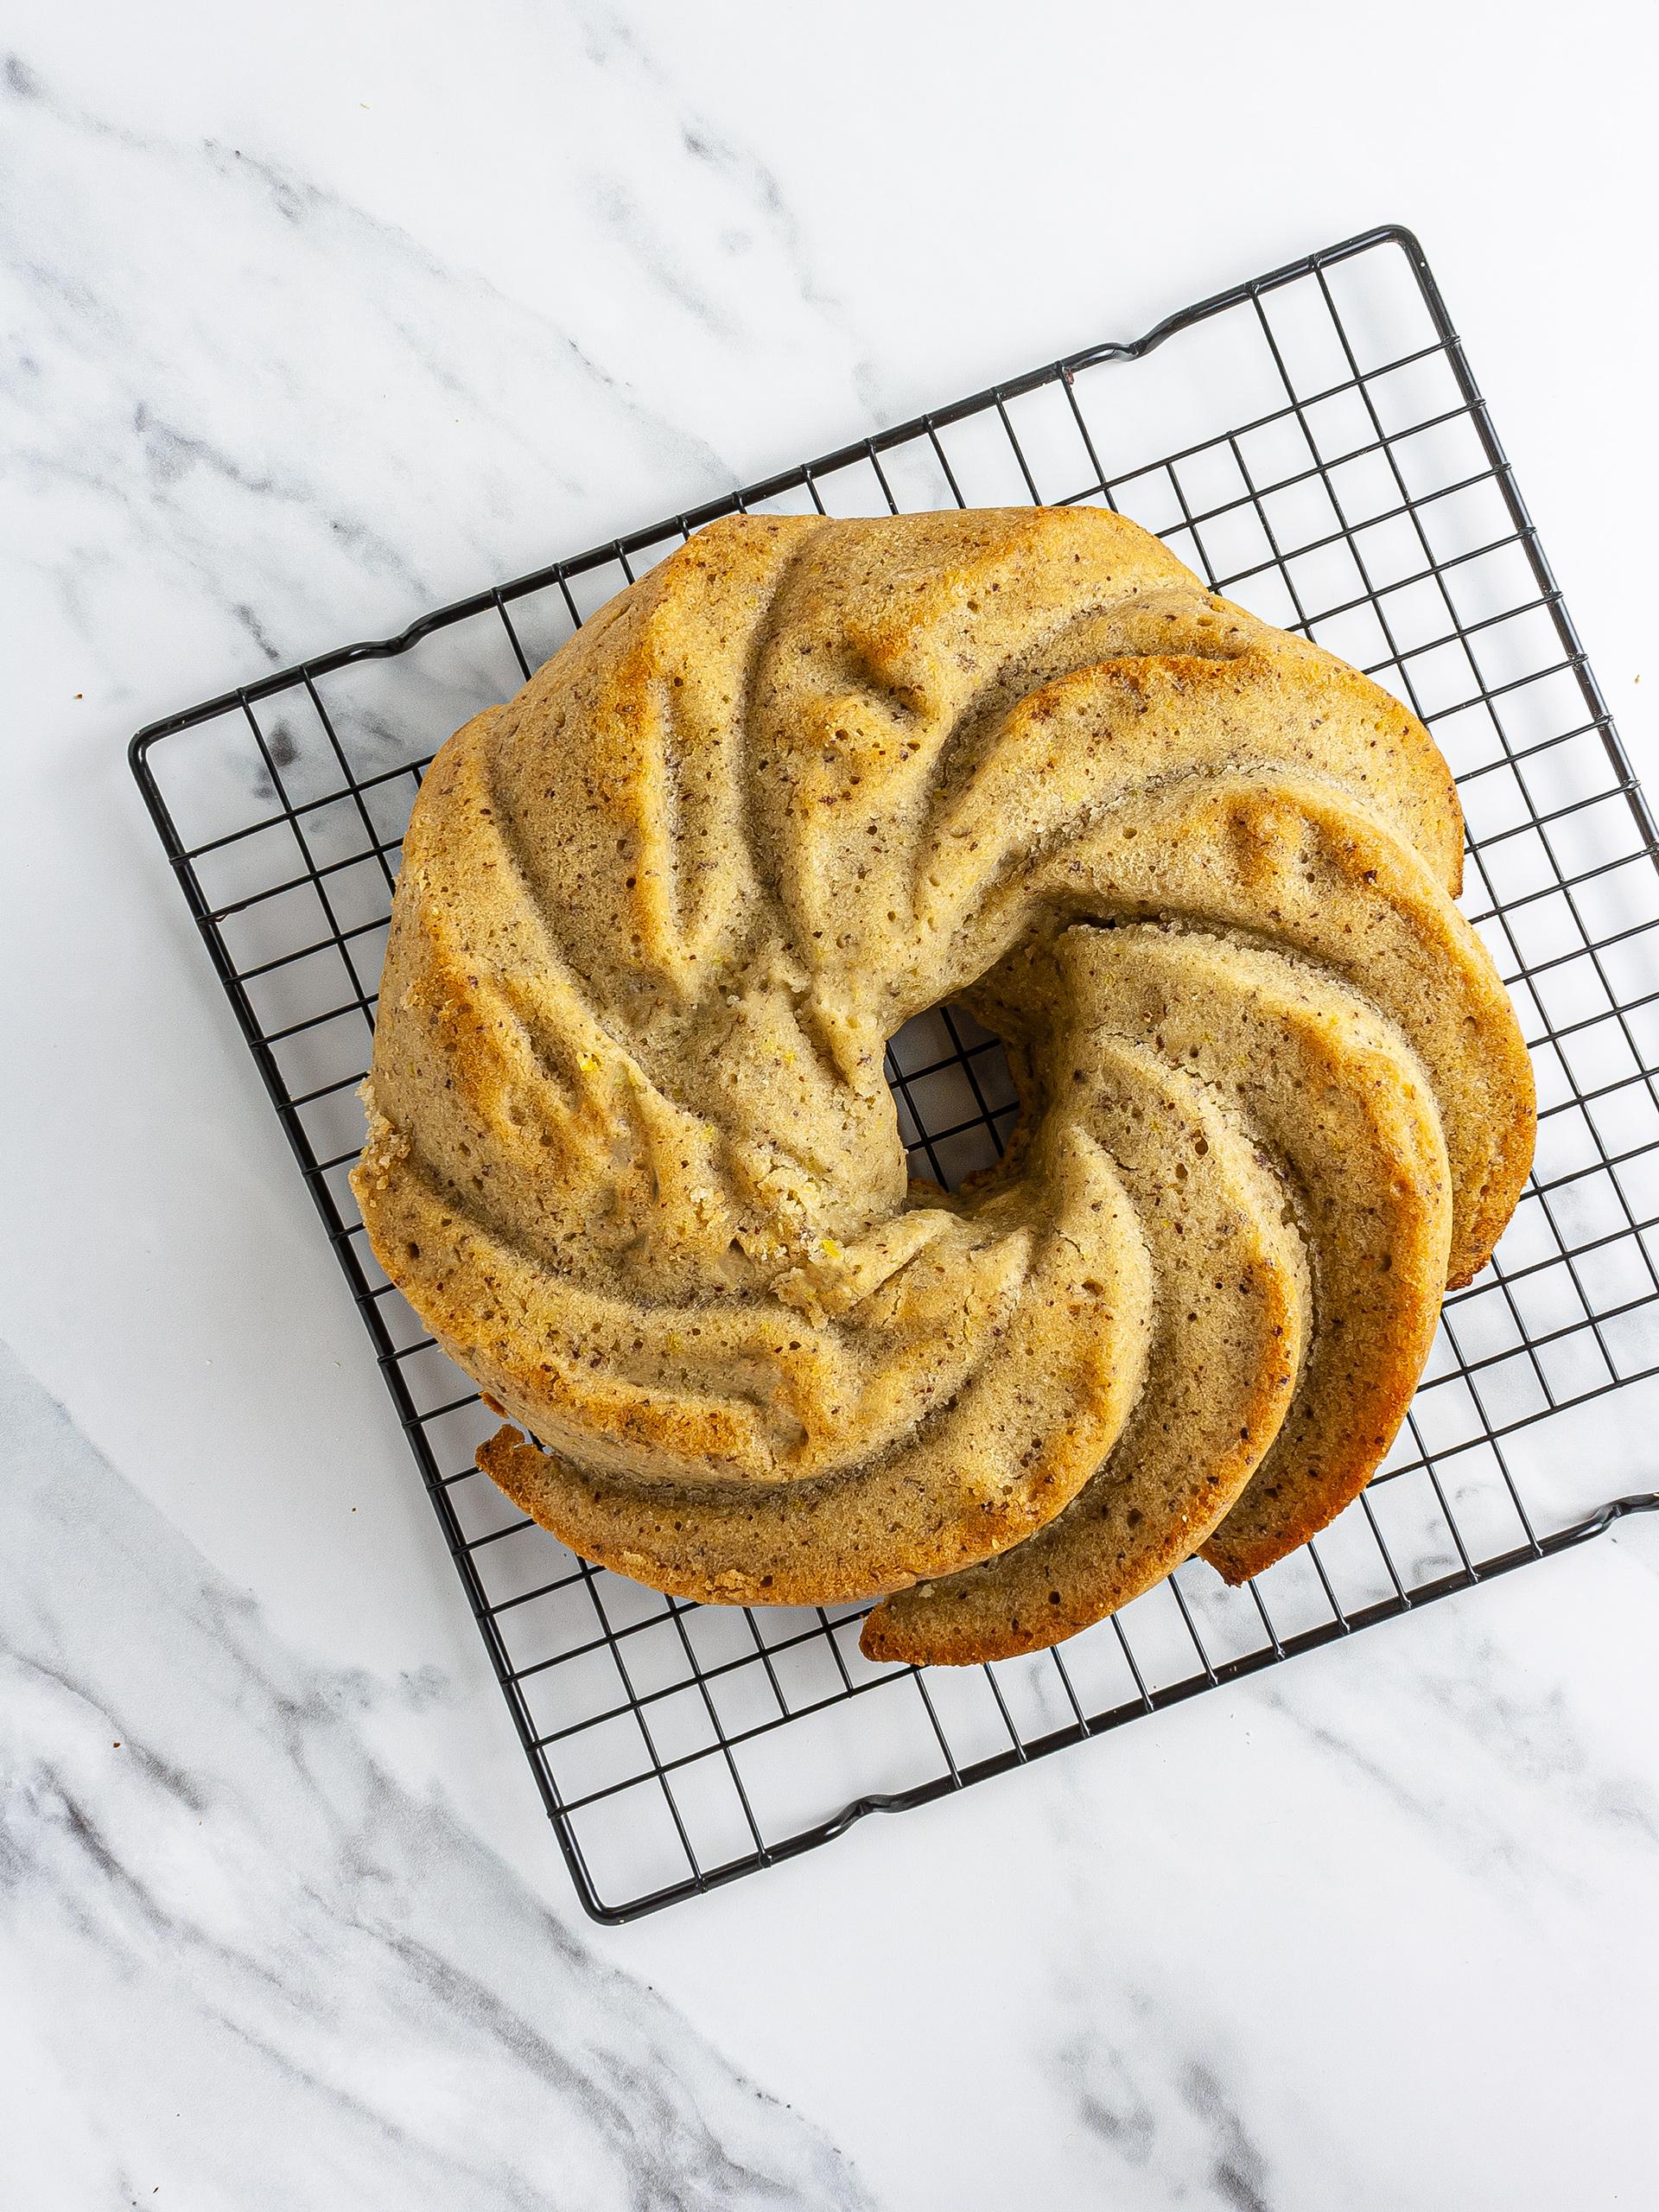 Baked lemon pound cake